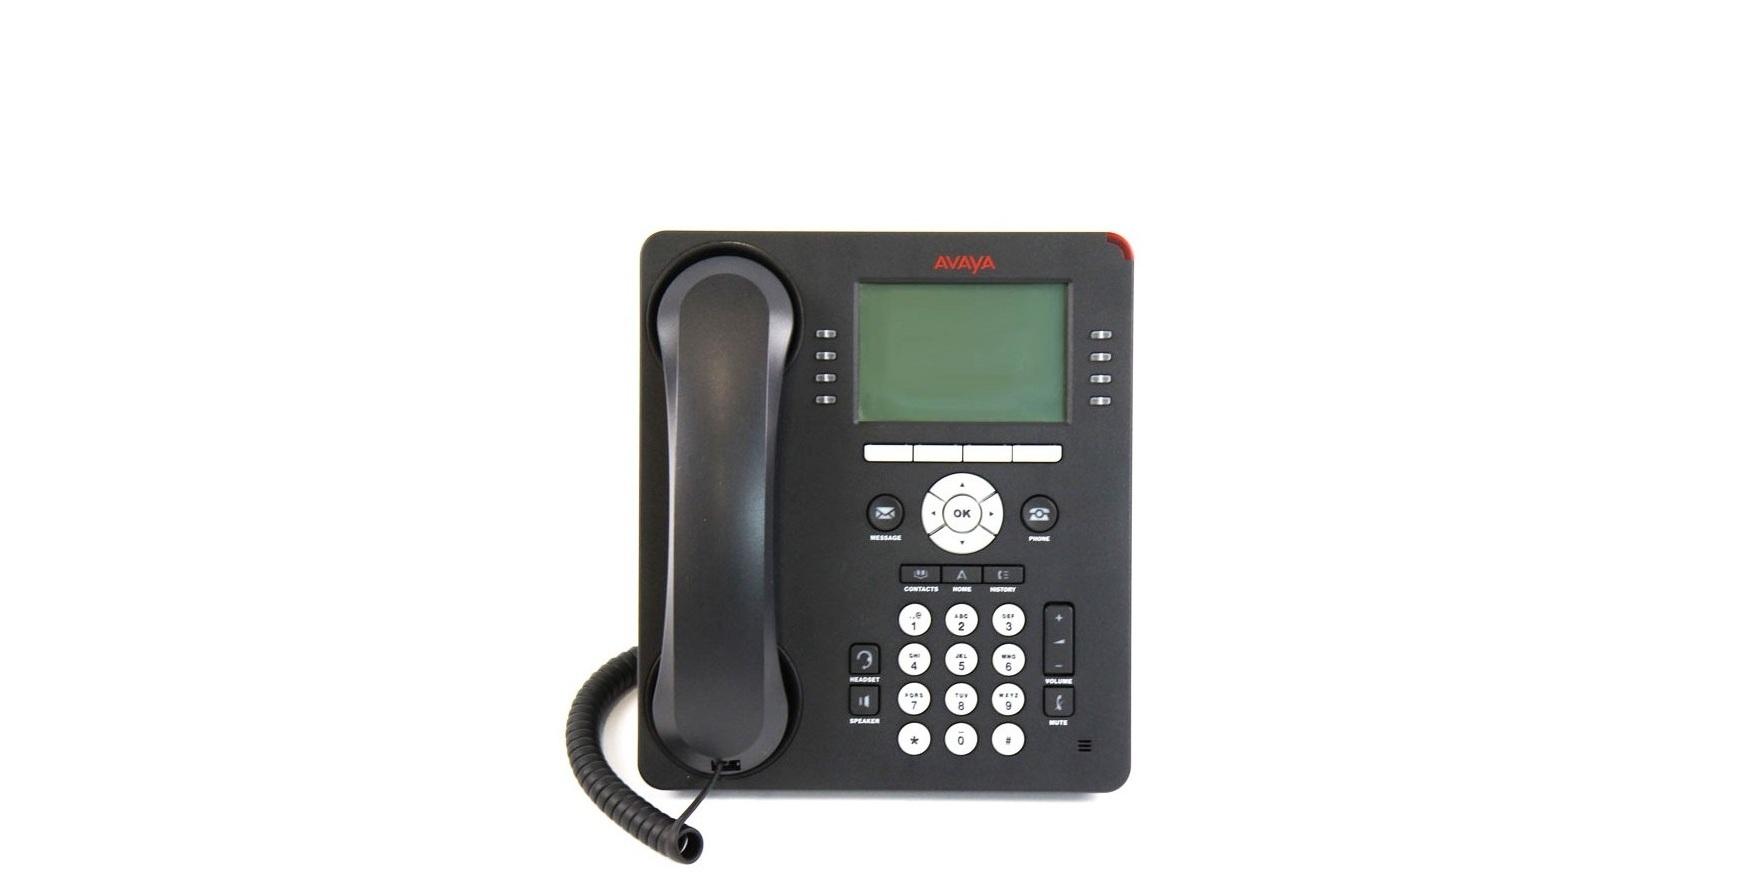 avaya-9508-digital-telephone-700500207-34.jpg